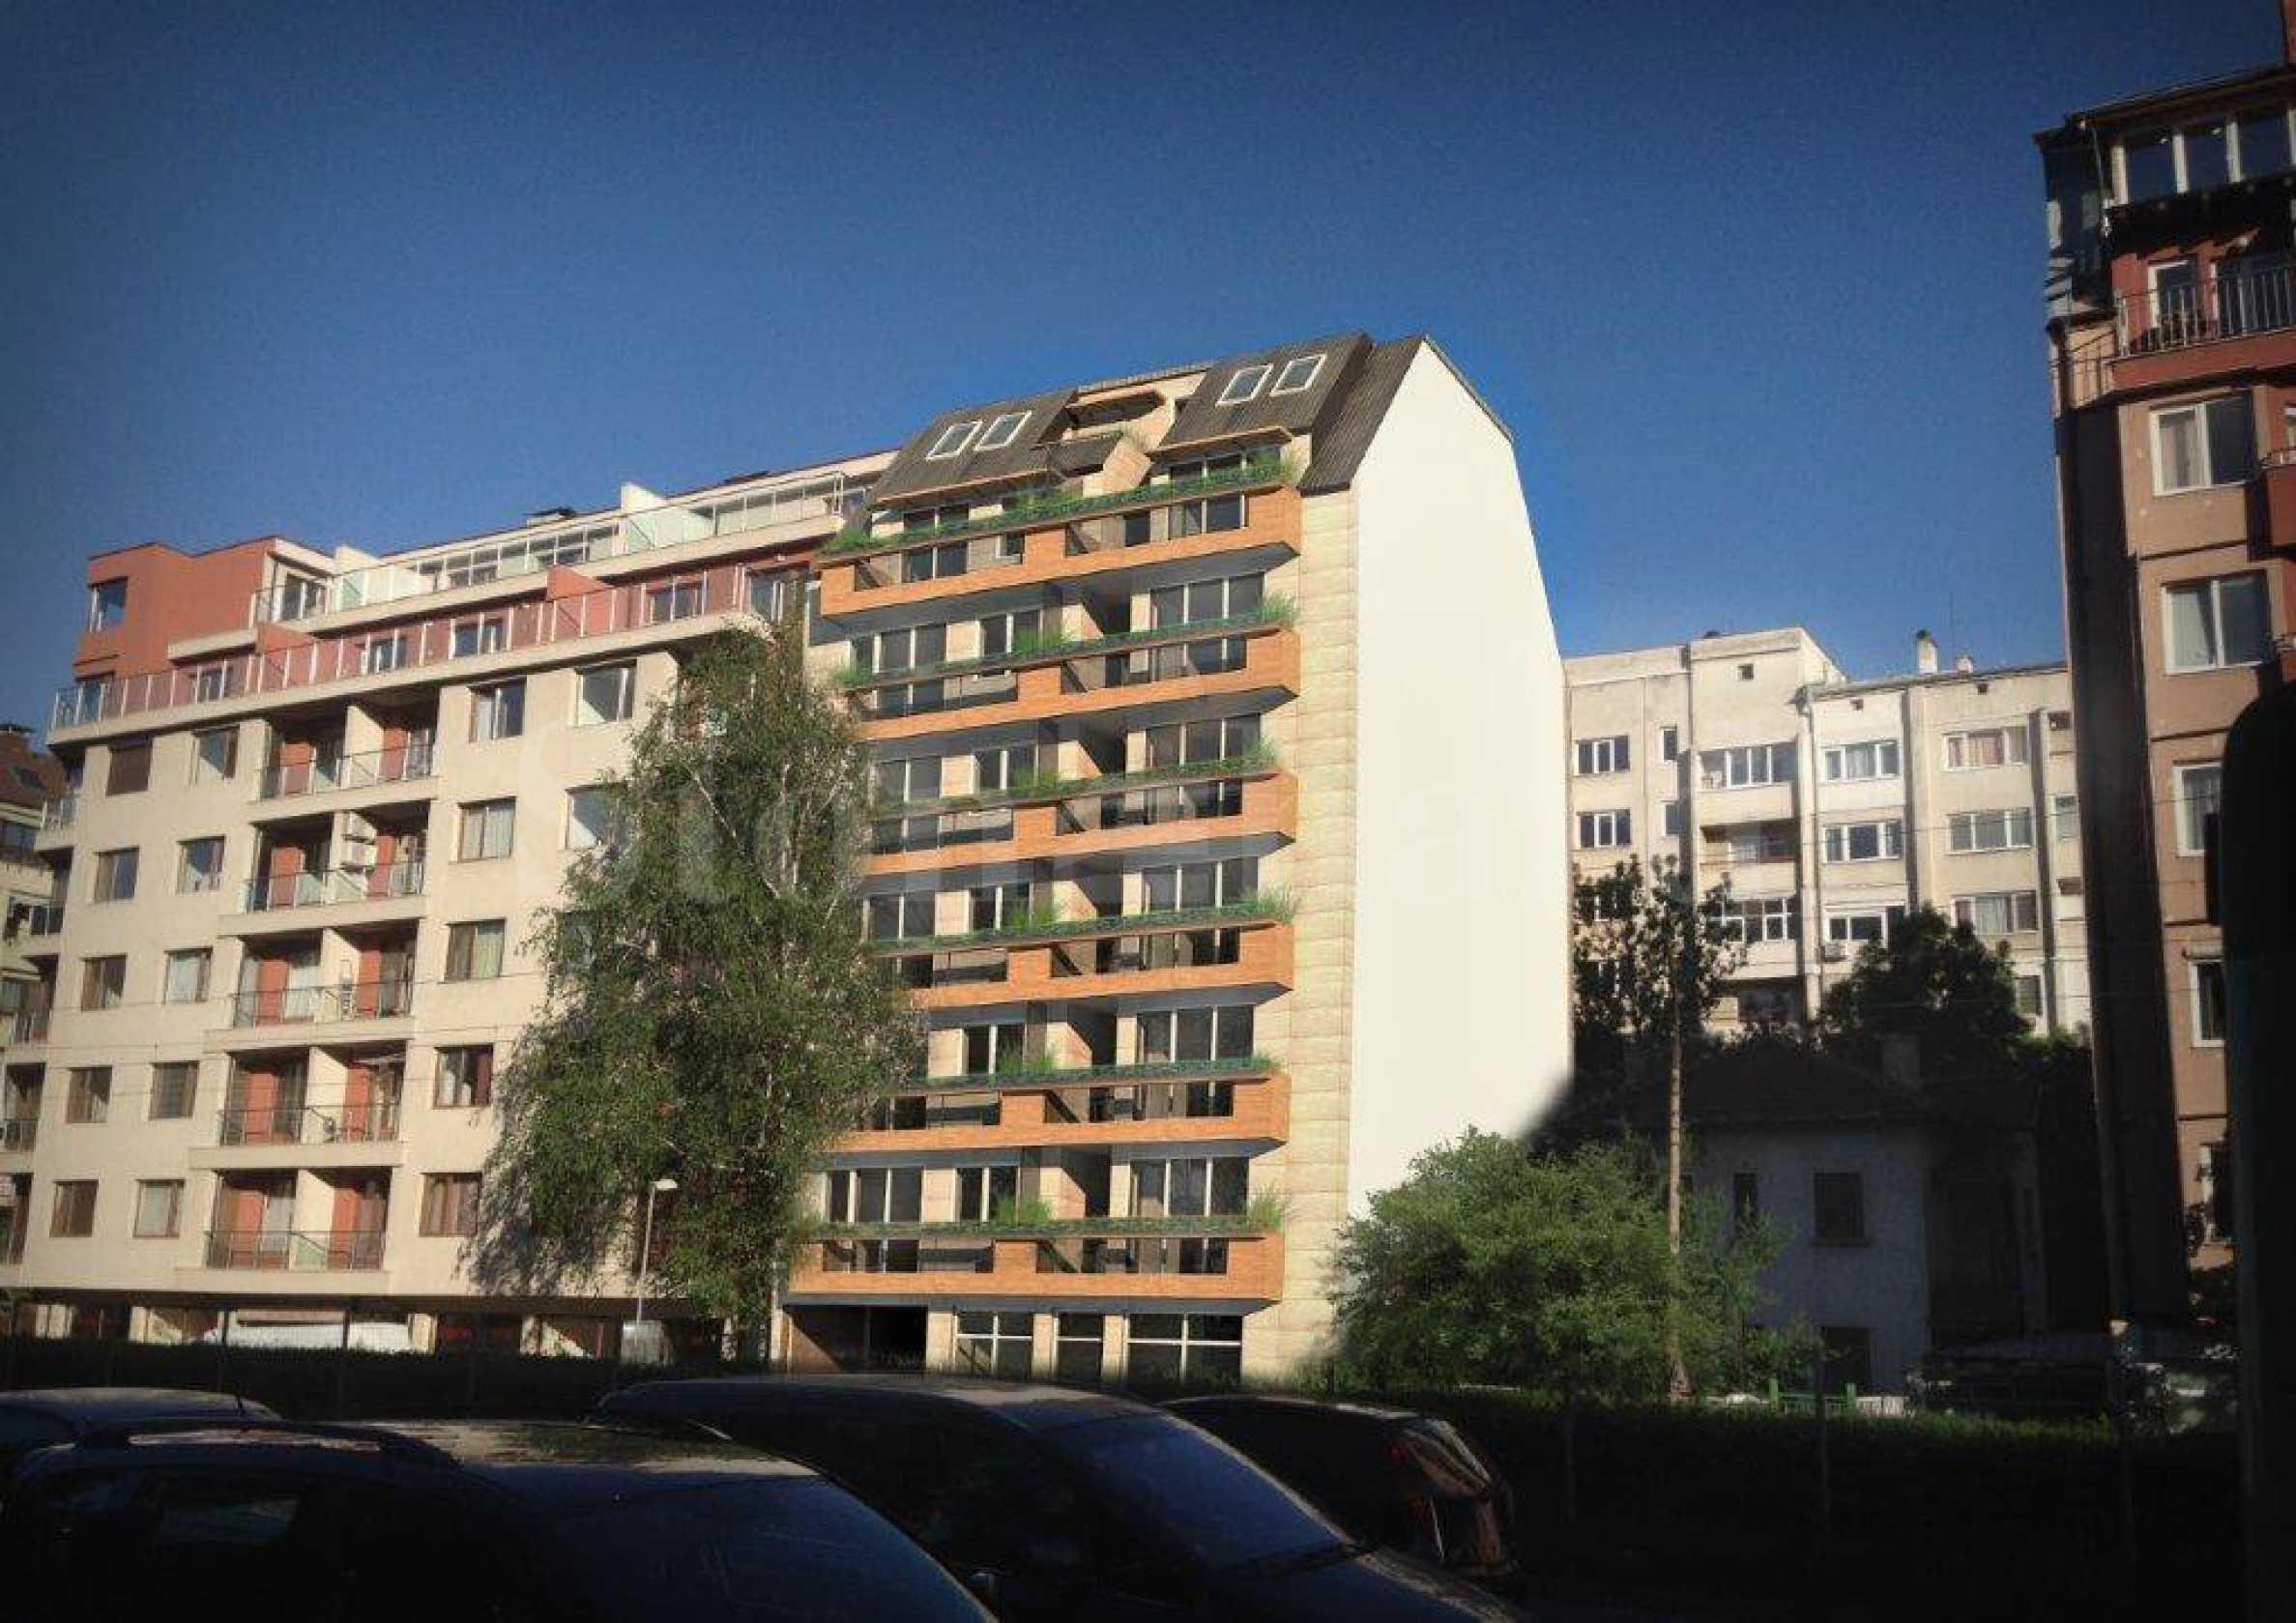 Нова жилищна сграда до бъдеща метростанция, кв. Хиподрума1 - Stonehard